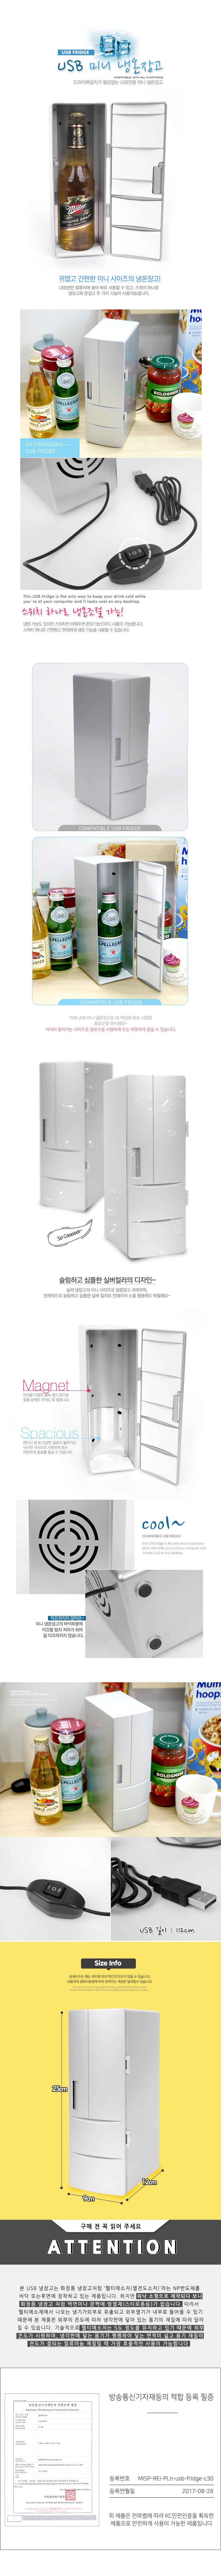 맥주캔 두개가 들어가는 usb 냉장고(온장고겸용) - 디자인에버, 30,400원, 아이디어 상품, 아이디어 상품